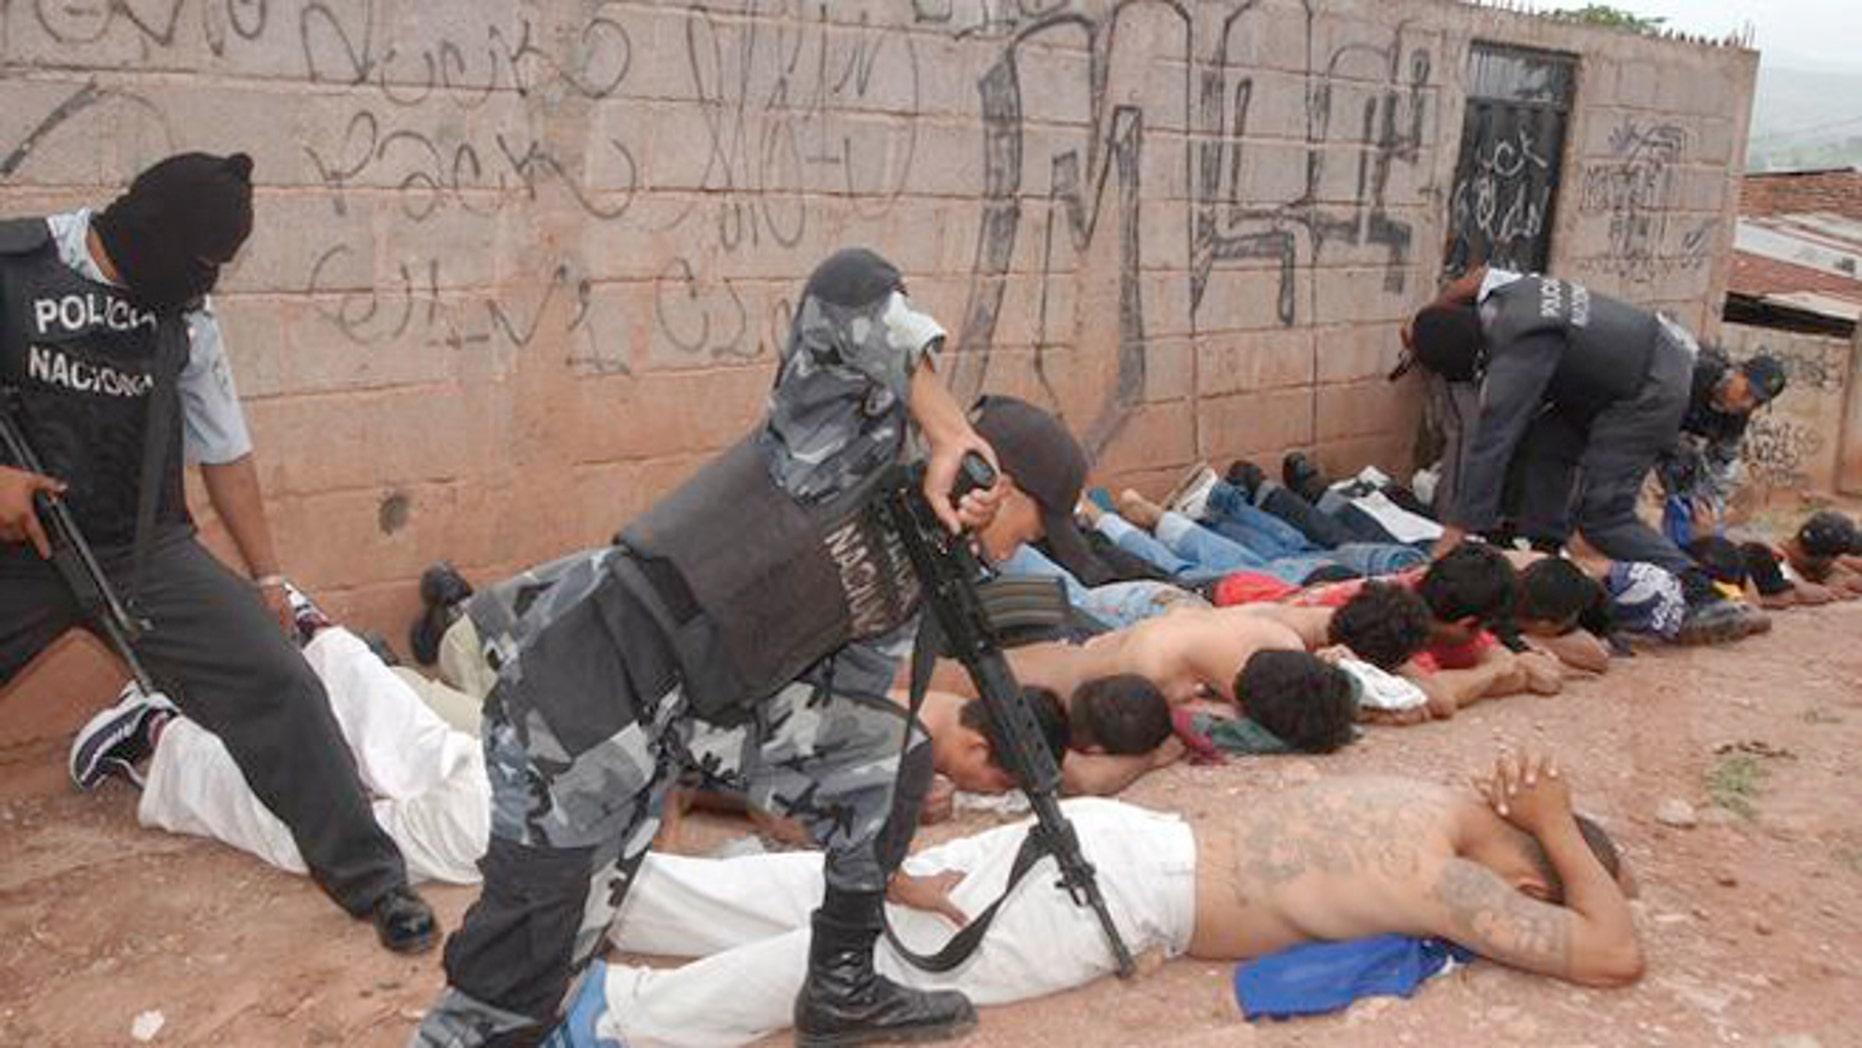 Police officers detain members of the Mara 18 and MS 13 gangs in Honduras.